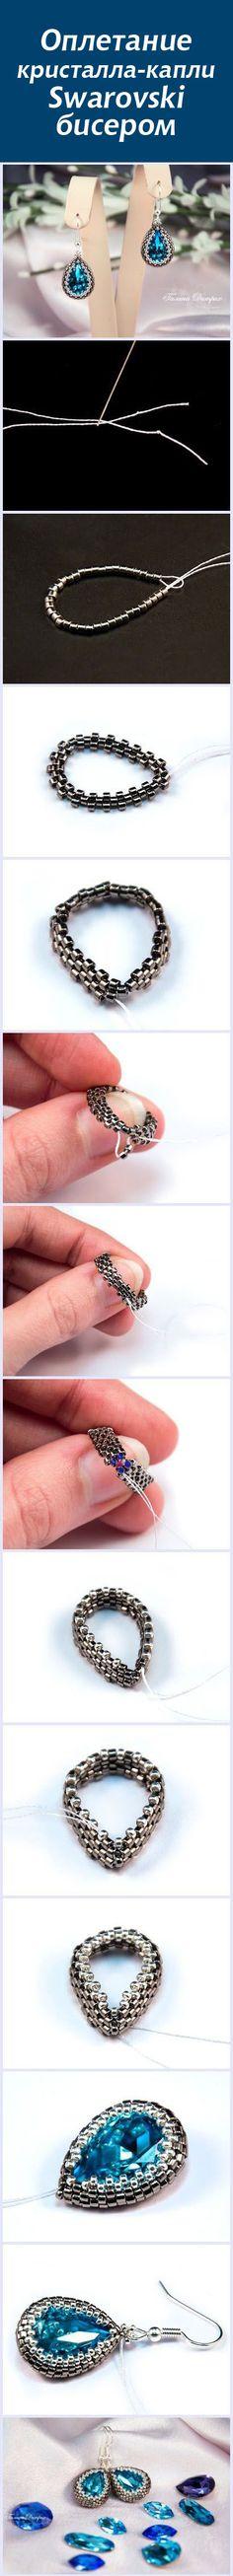 Оплетание ювелирных кристаллов-капель Сваровски бисером #bead #beadweaving #tutorial